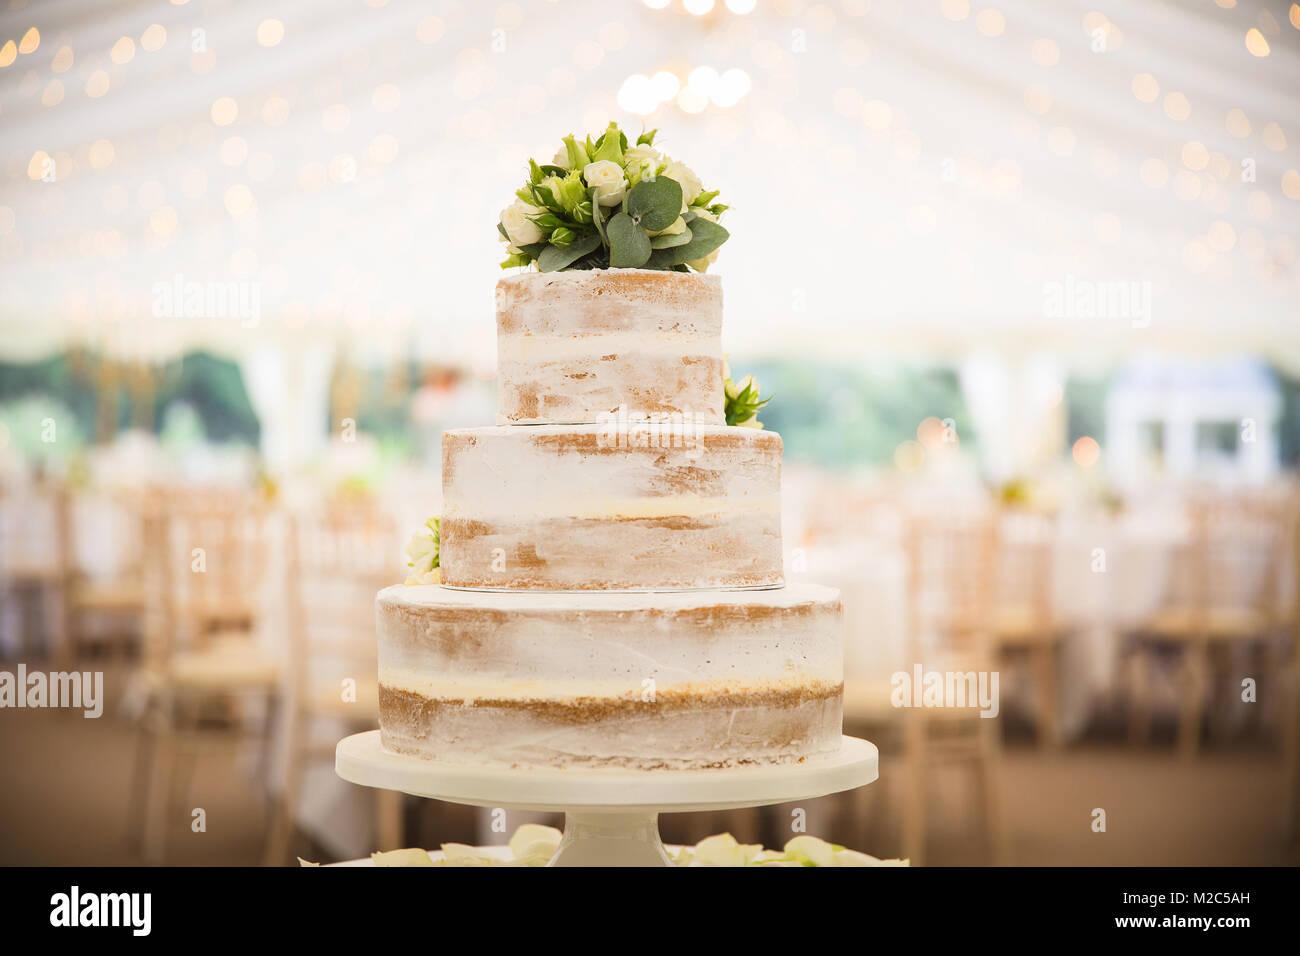 Gâteau de mariage à trois niveaux surmontée de fleurs, dans des manifestations vide Photo Stock